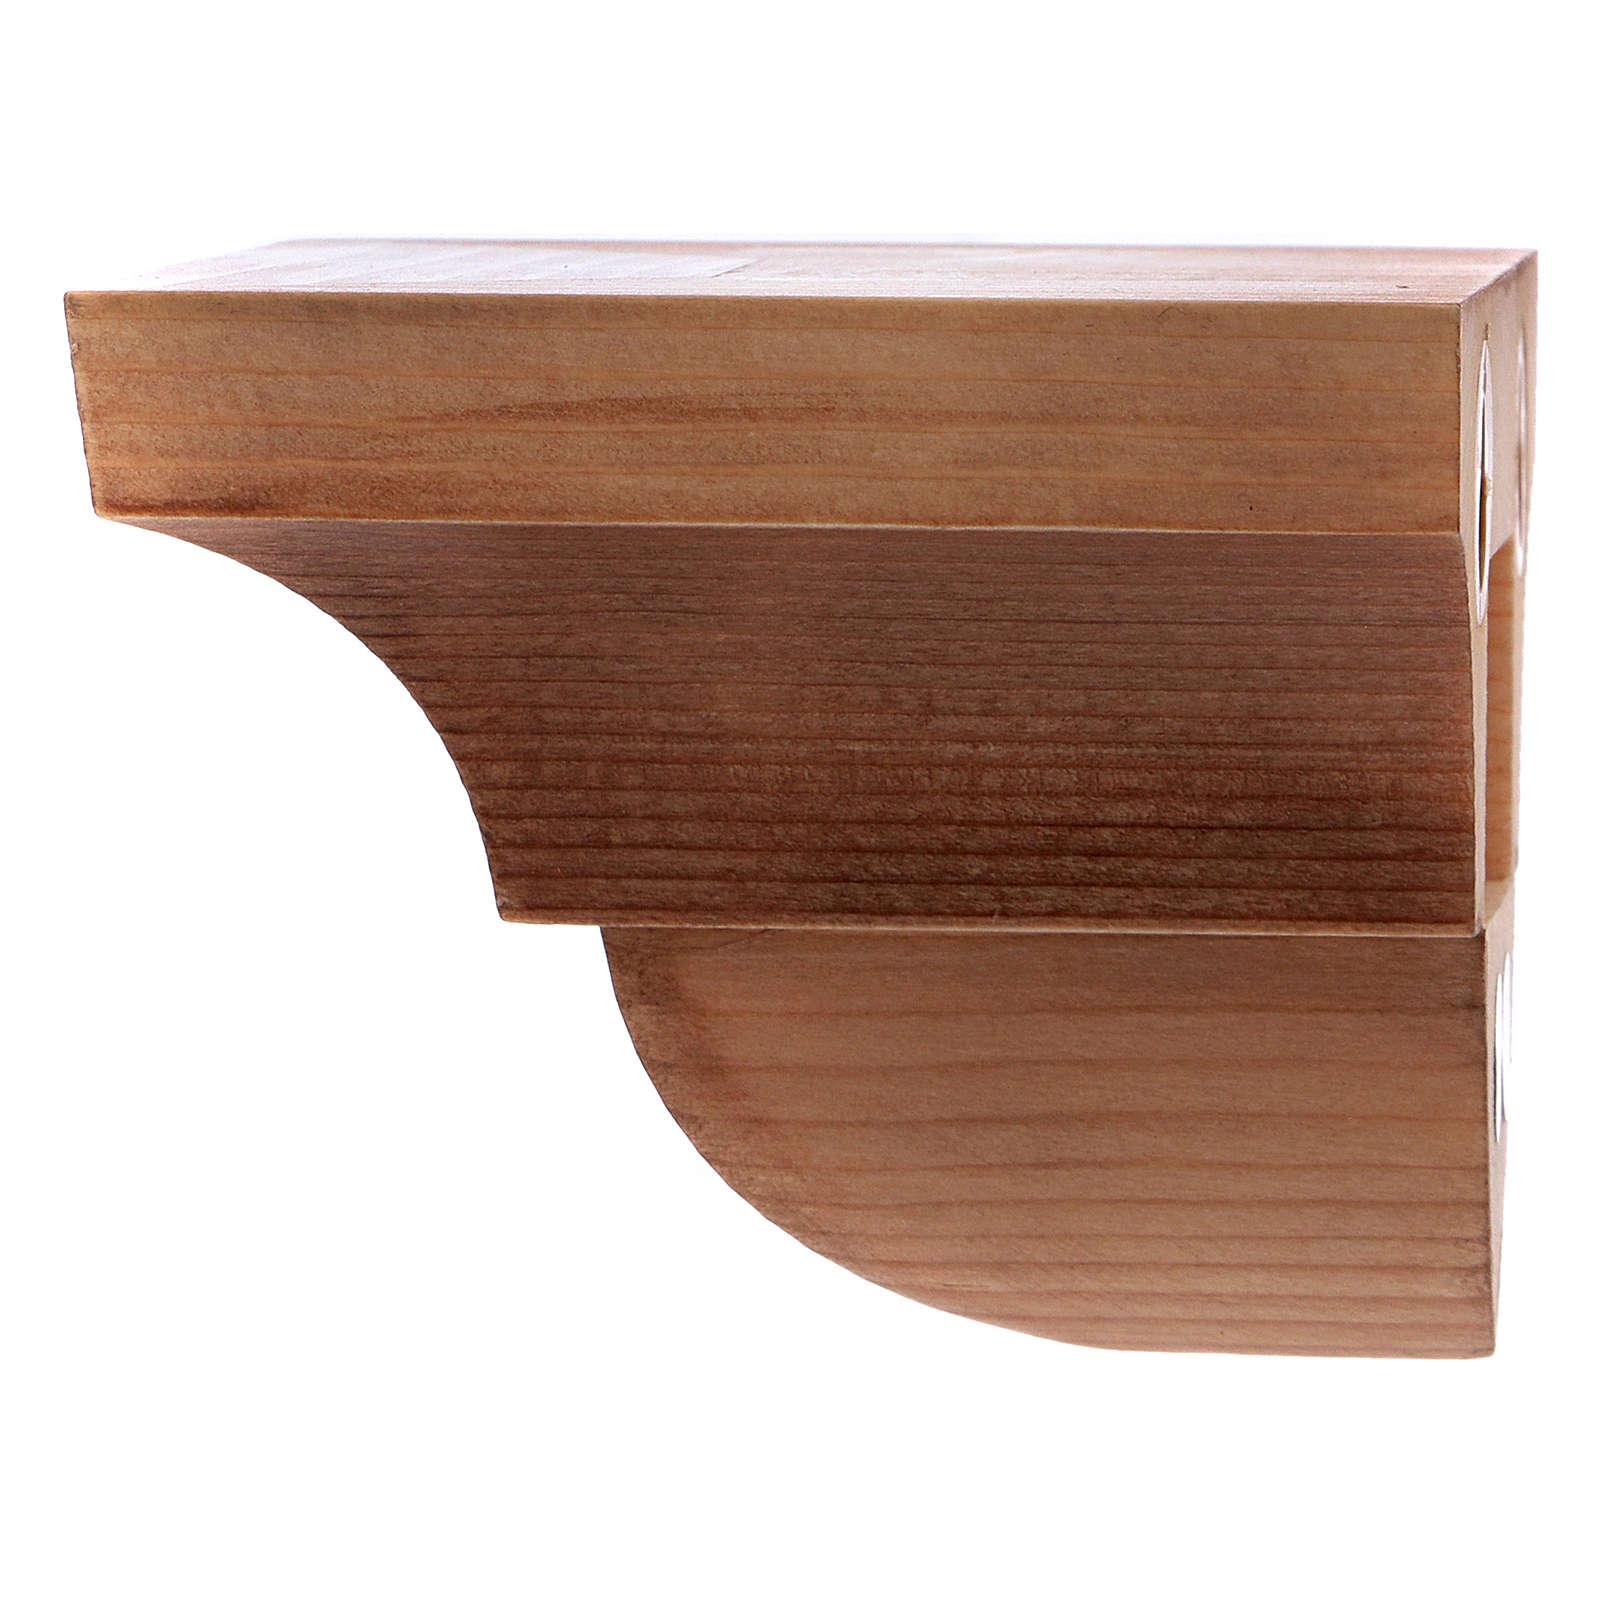 Wandkonsole für Statuen 9x11cm aus Holz patiniert 4